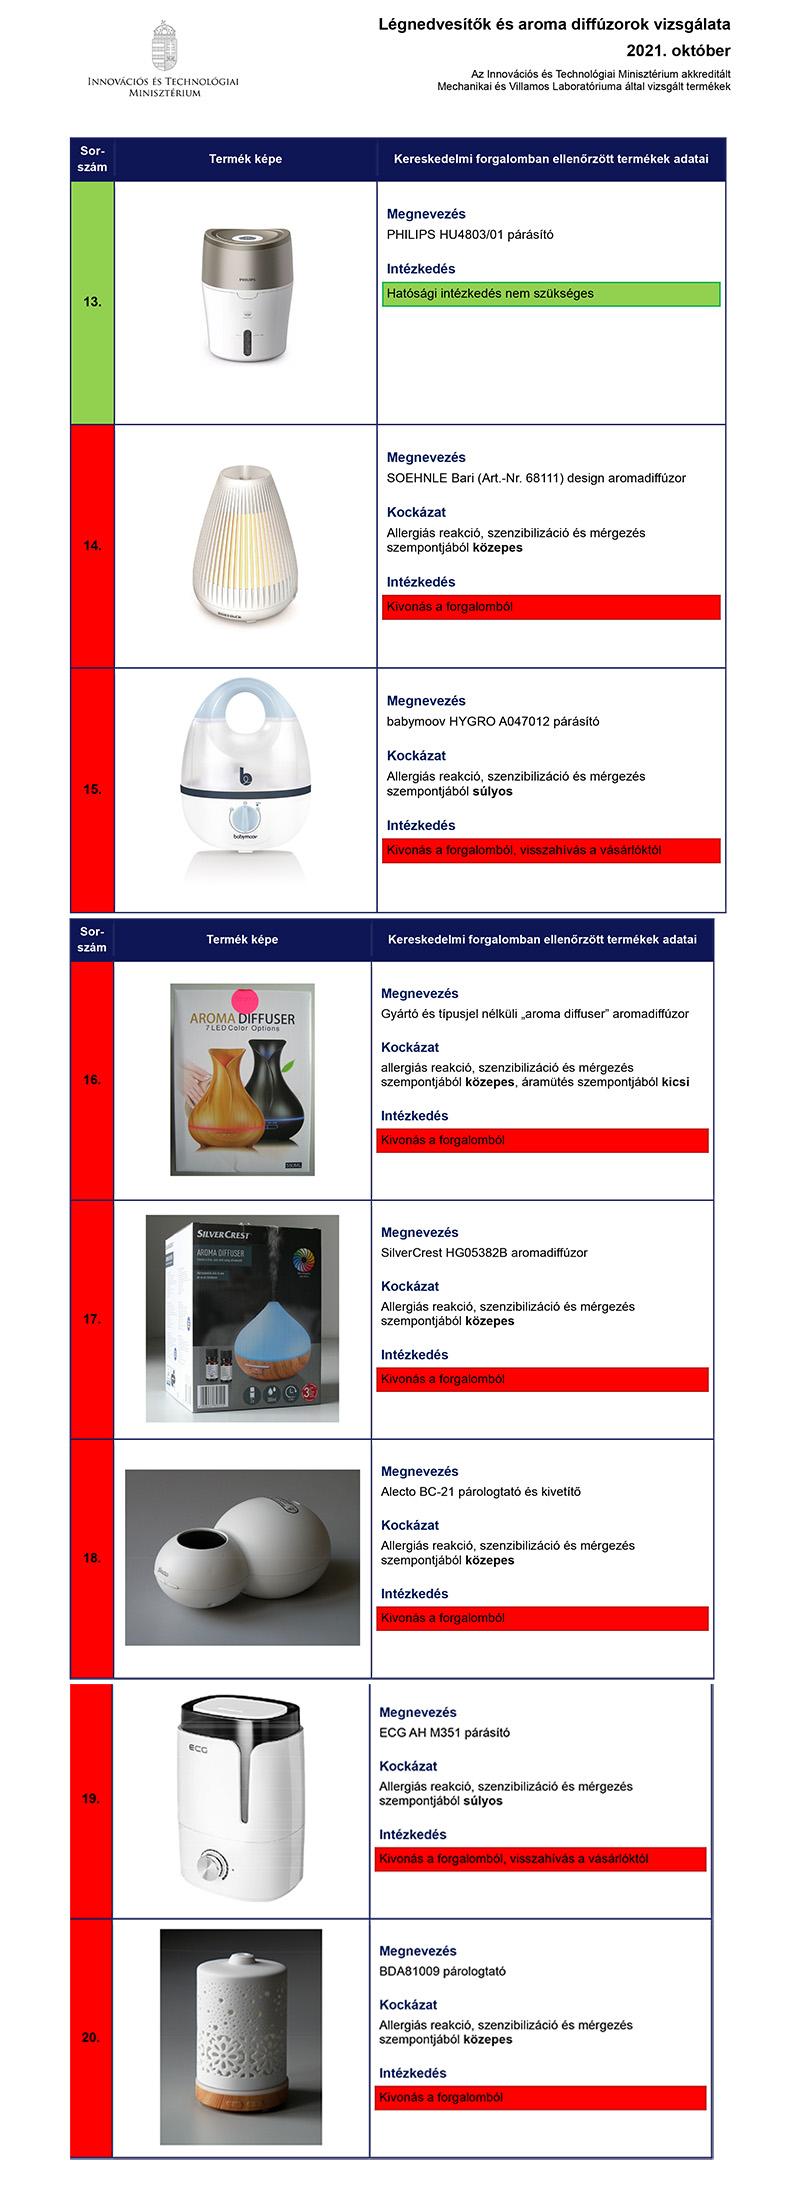 Párásító készülékek tesztje: 20 termékből csak 3 felelt meg a fogyasztóvédelem vizsgálatán, mutatjuk a listát